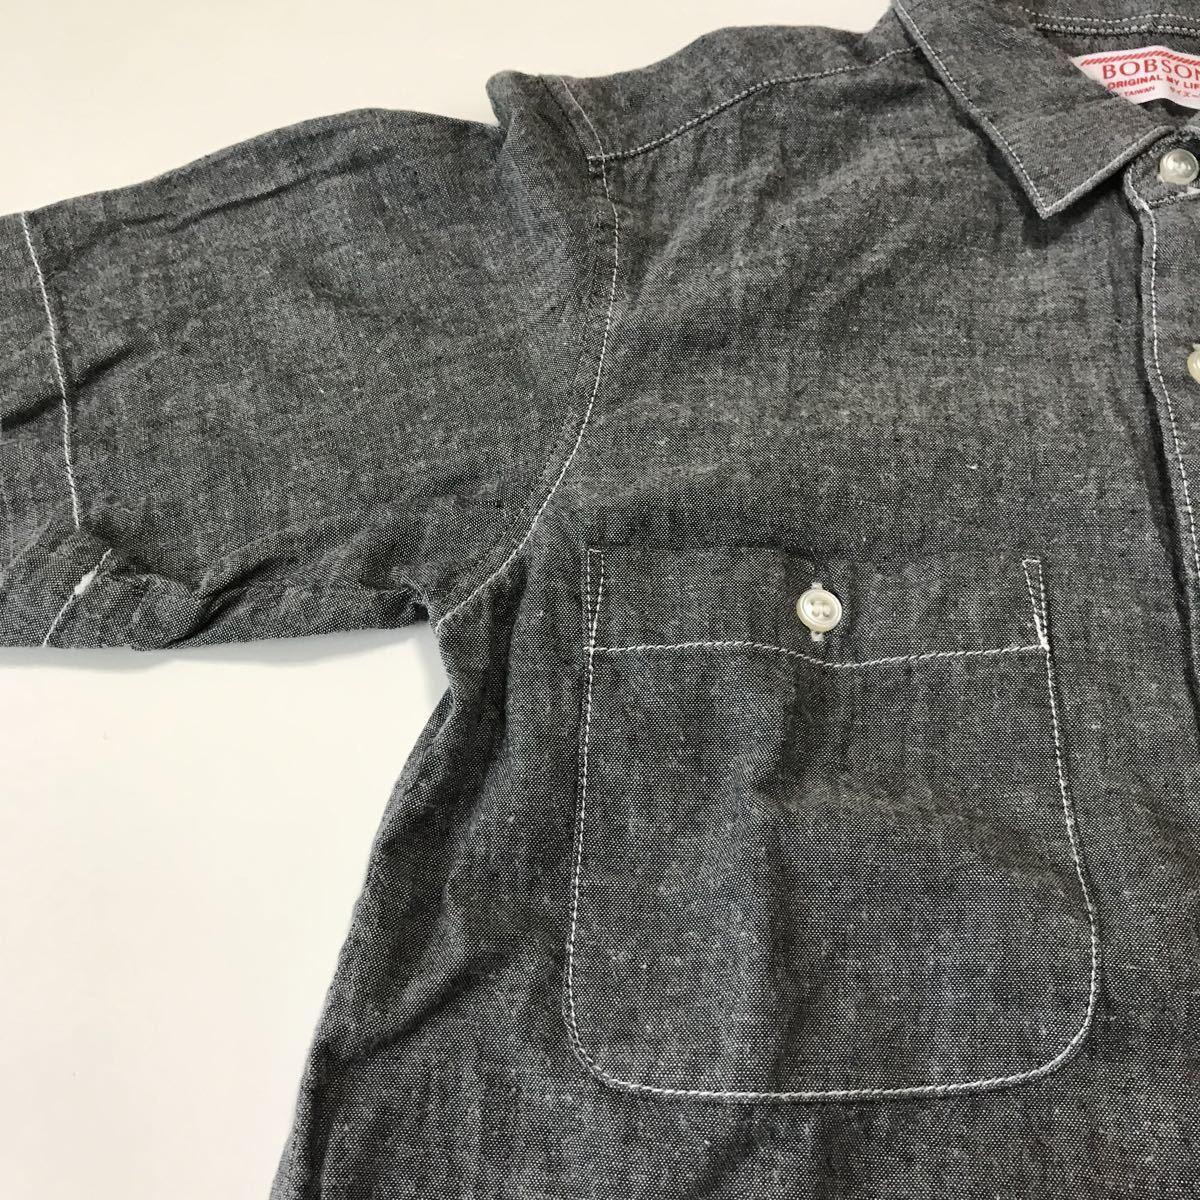 BOBSON 半袖シャツ サイズ130 綿100% グレー色 男の子 お出かけなどにもぴったり クリックポスト185円発送可能_画像5